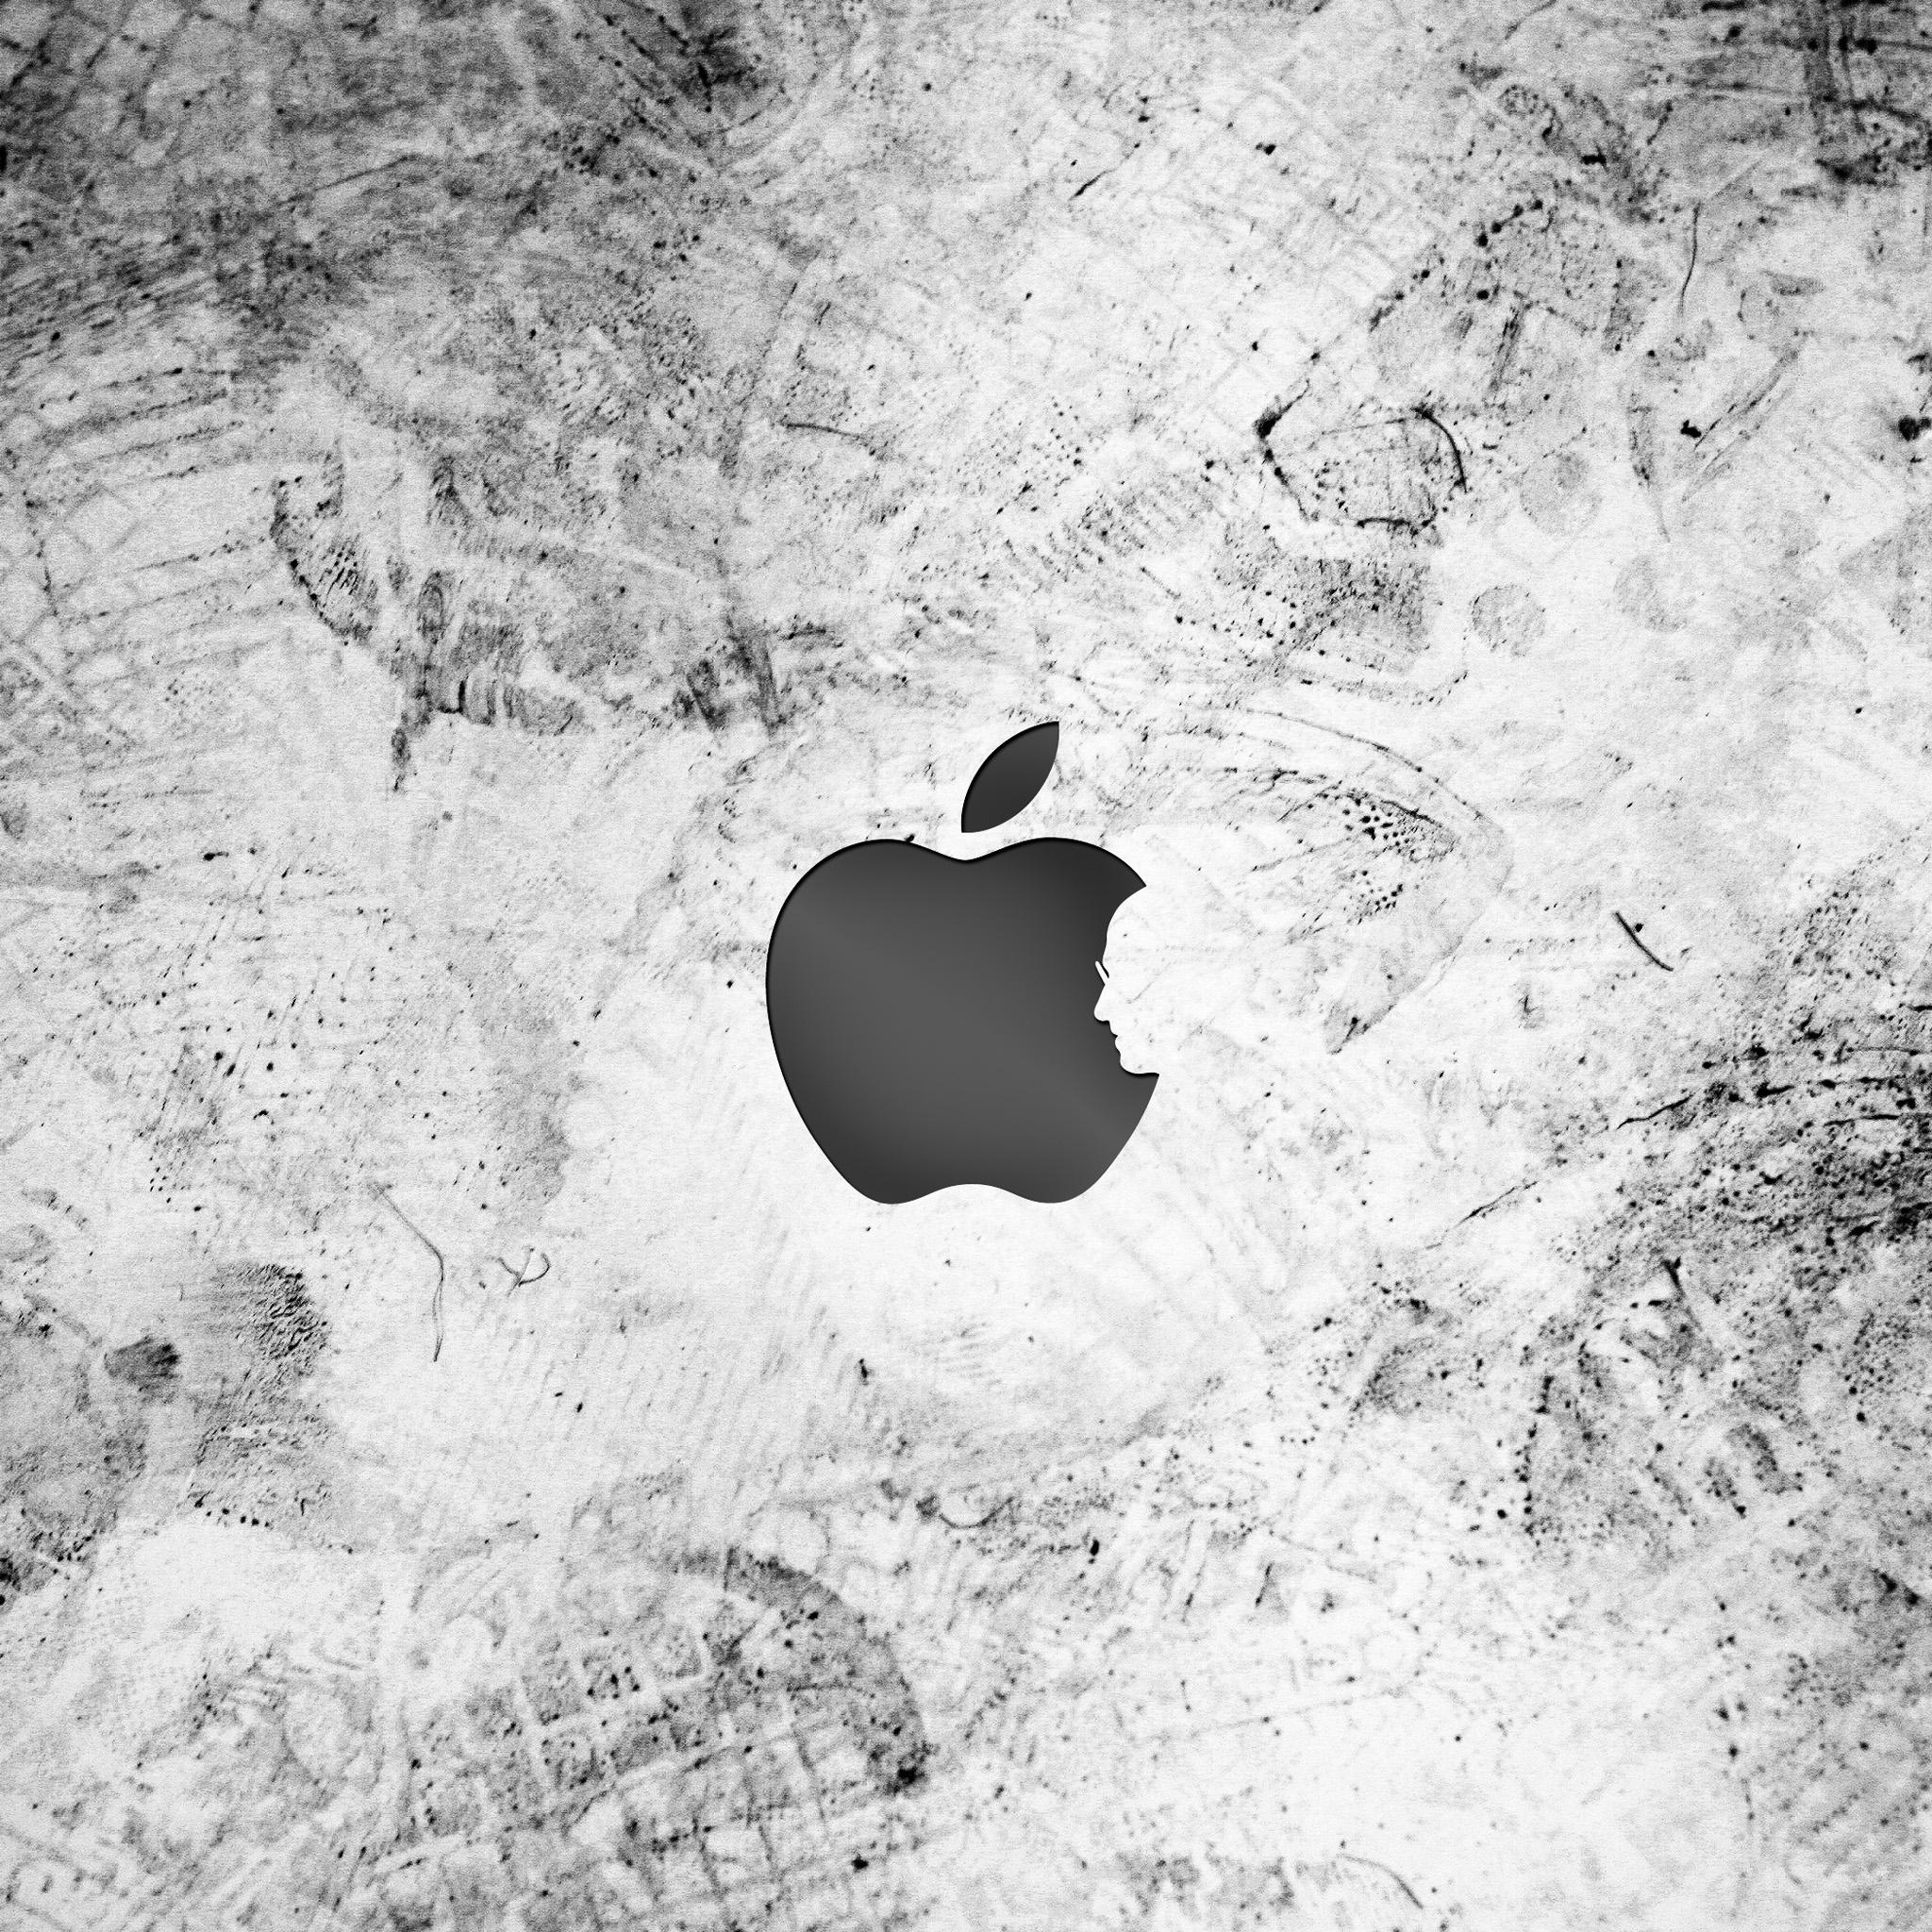 Apple_Jobs_3_Wallpapers_iPad